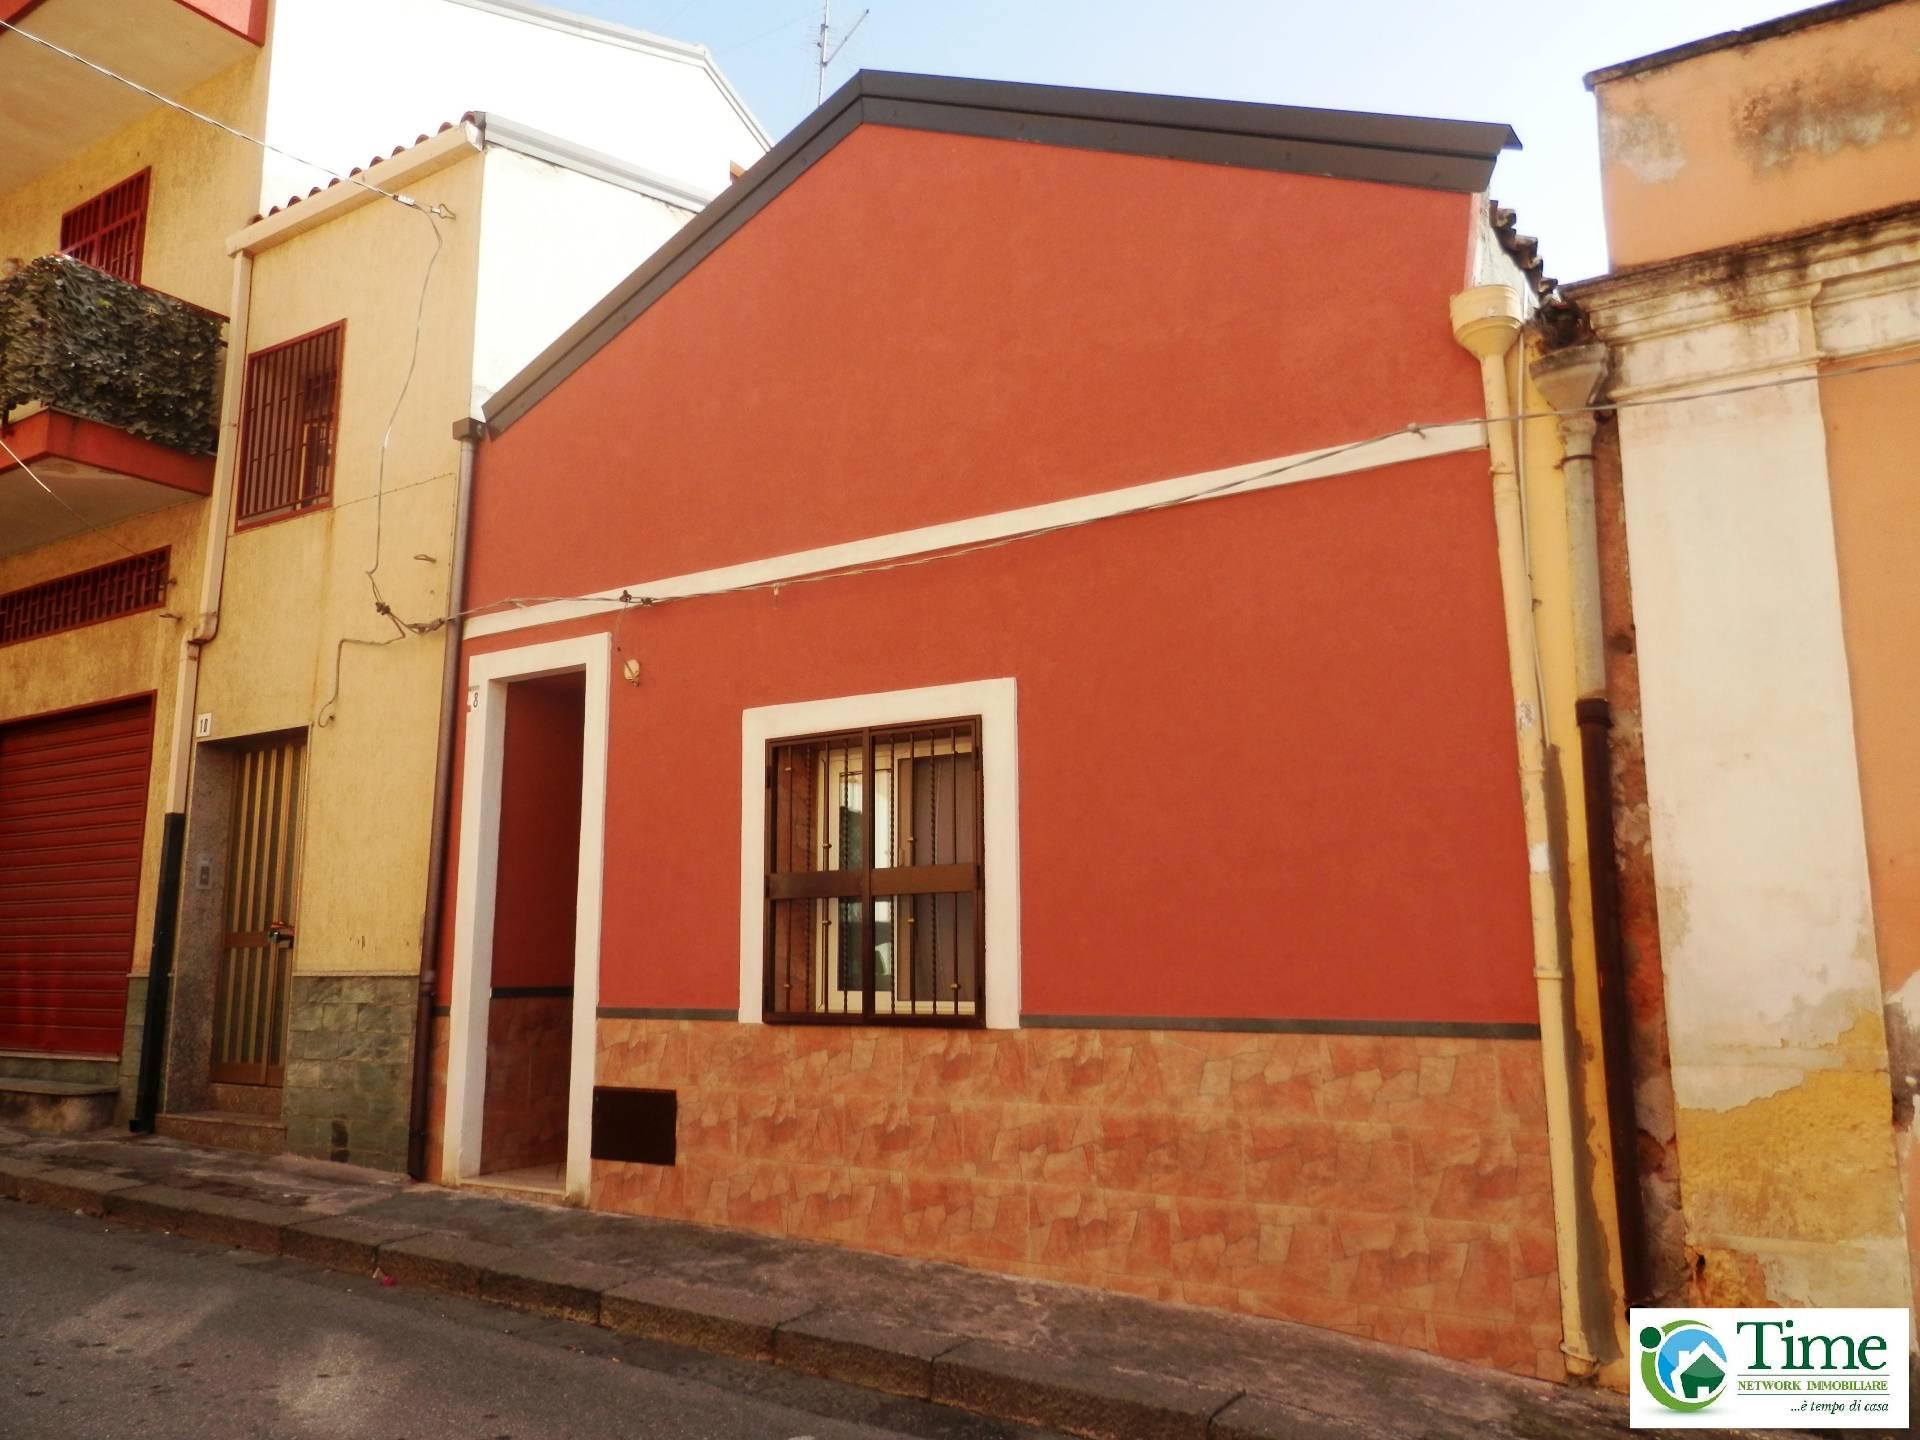 Soluzione Indipendente in vendita a Catania, 2 locali, zona Località: ZonaCibali, prezzo € 85.000 | Cambio Casa.it